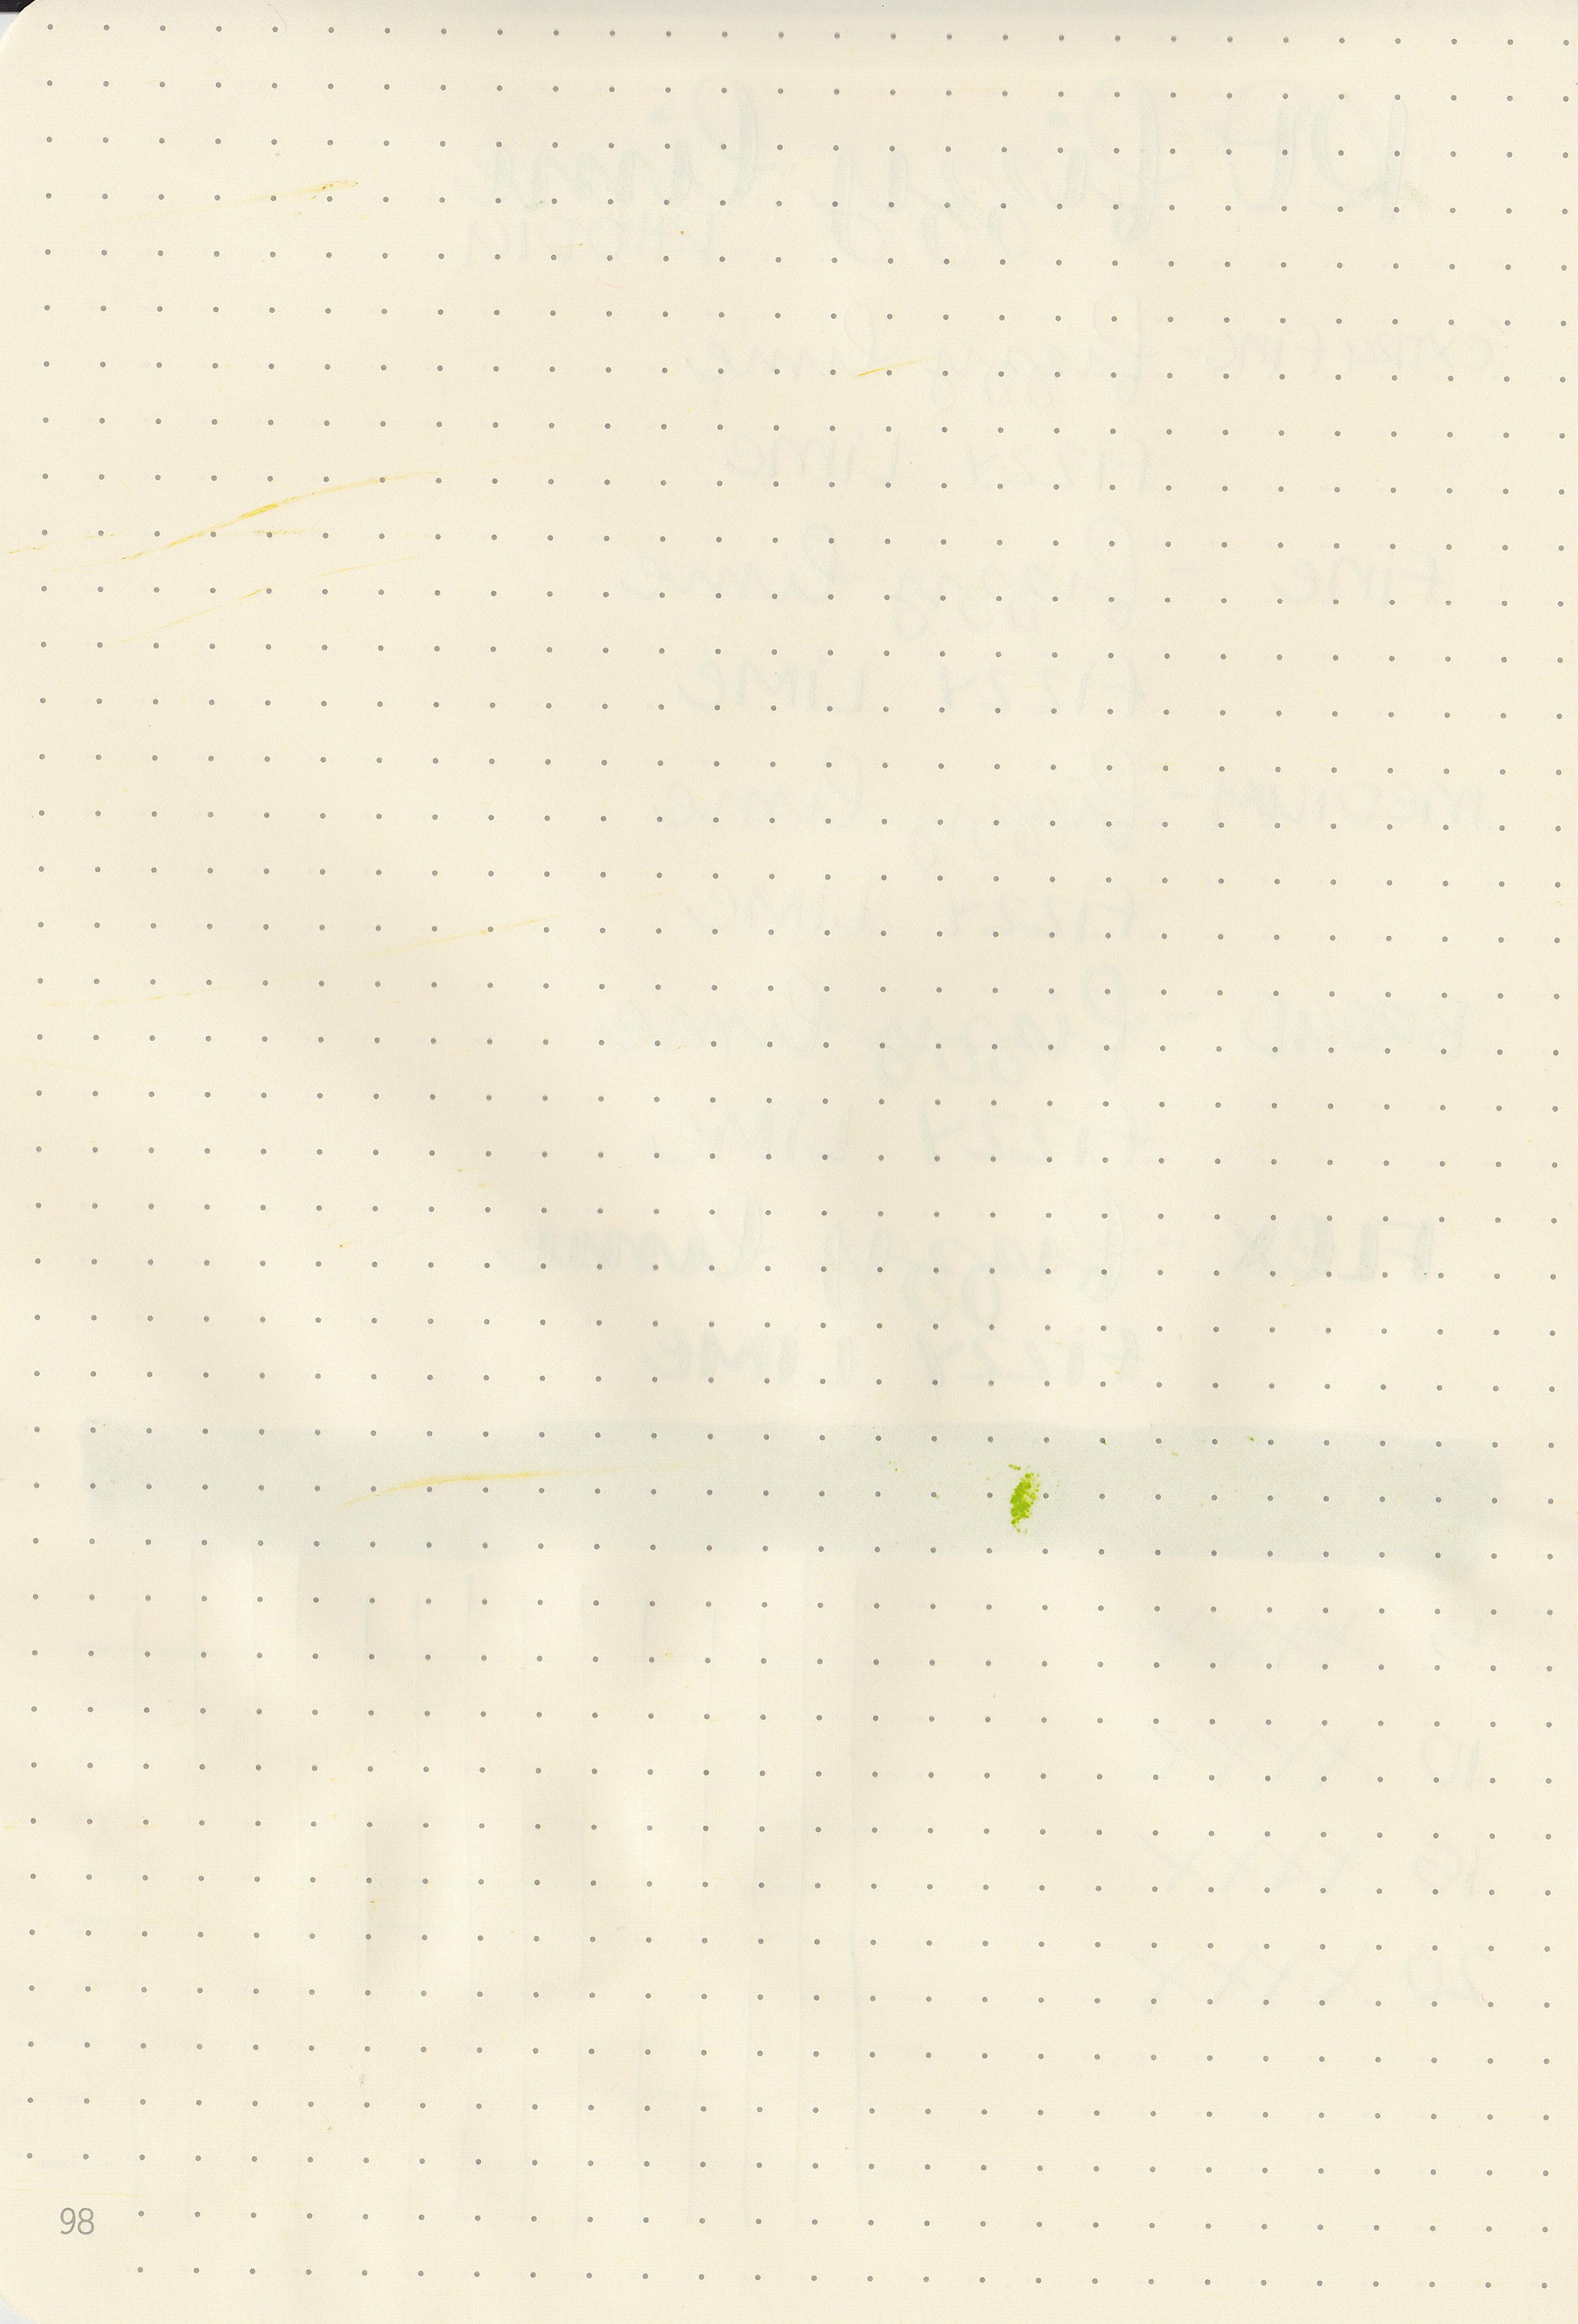 ro-fizzy-lime-4.jpg